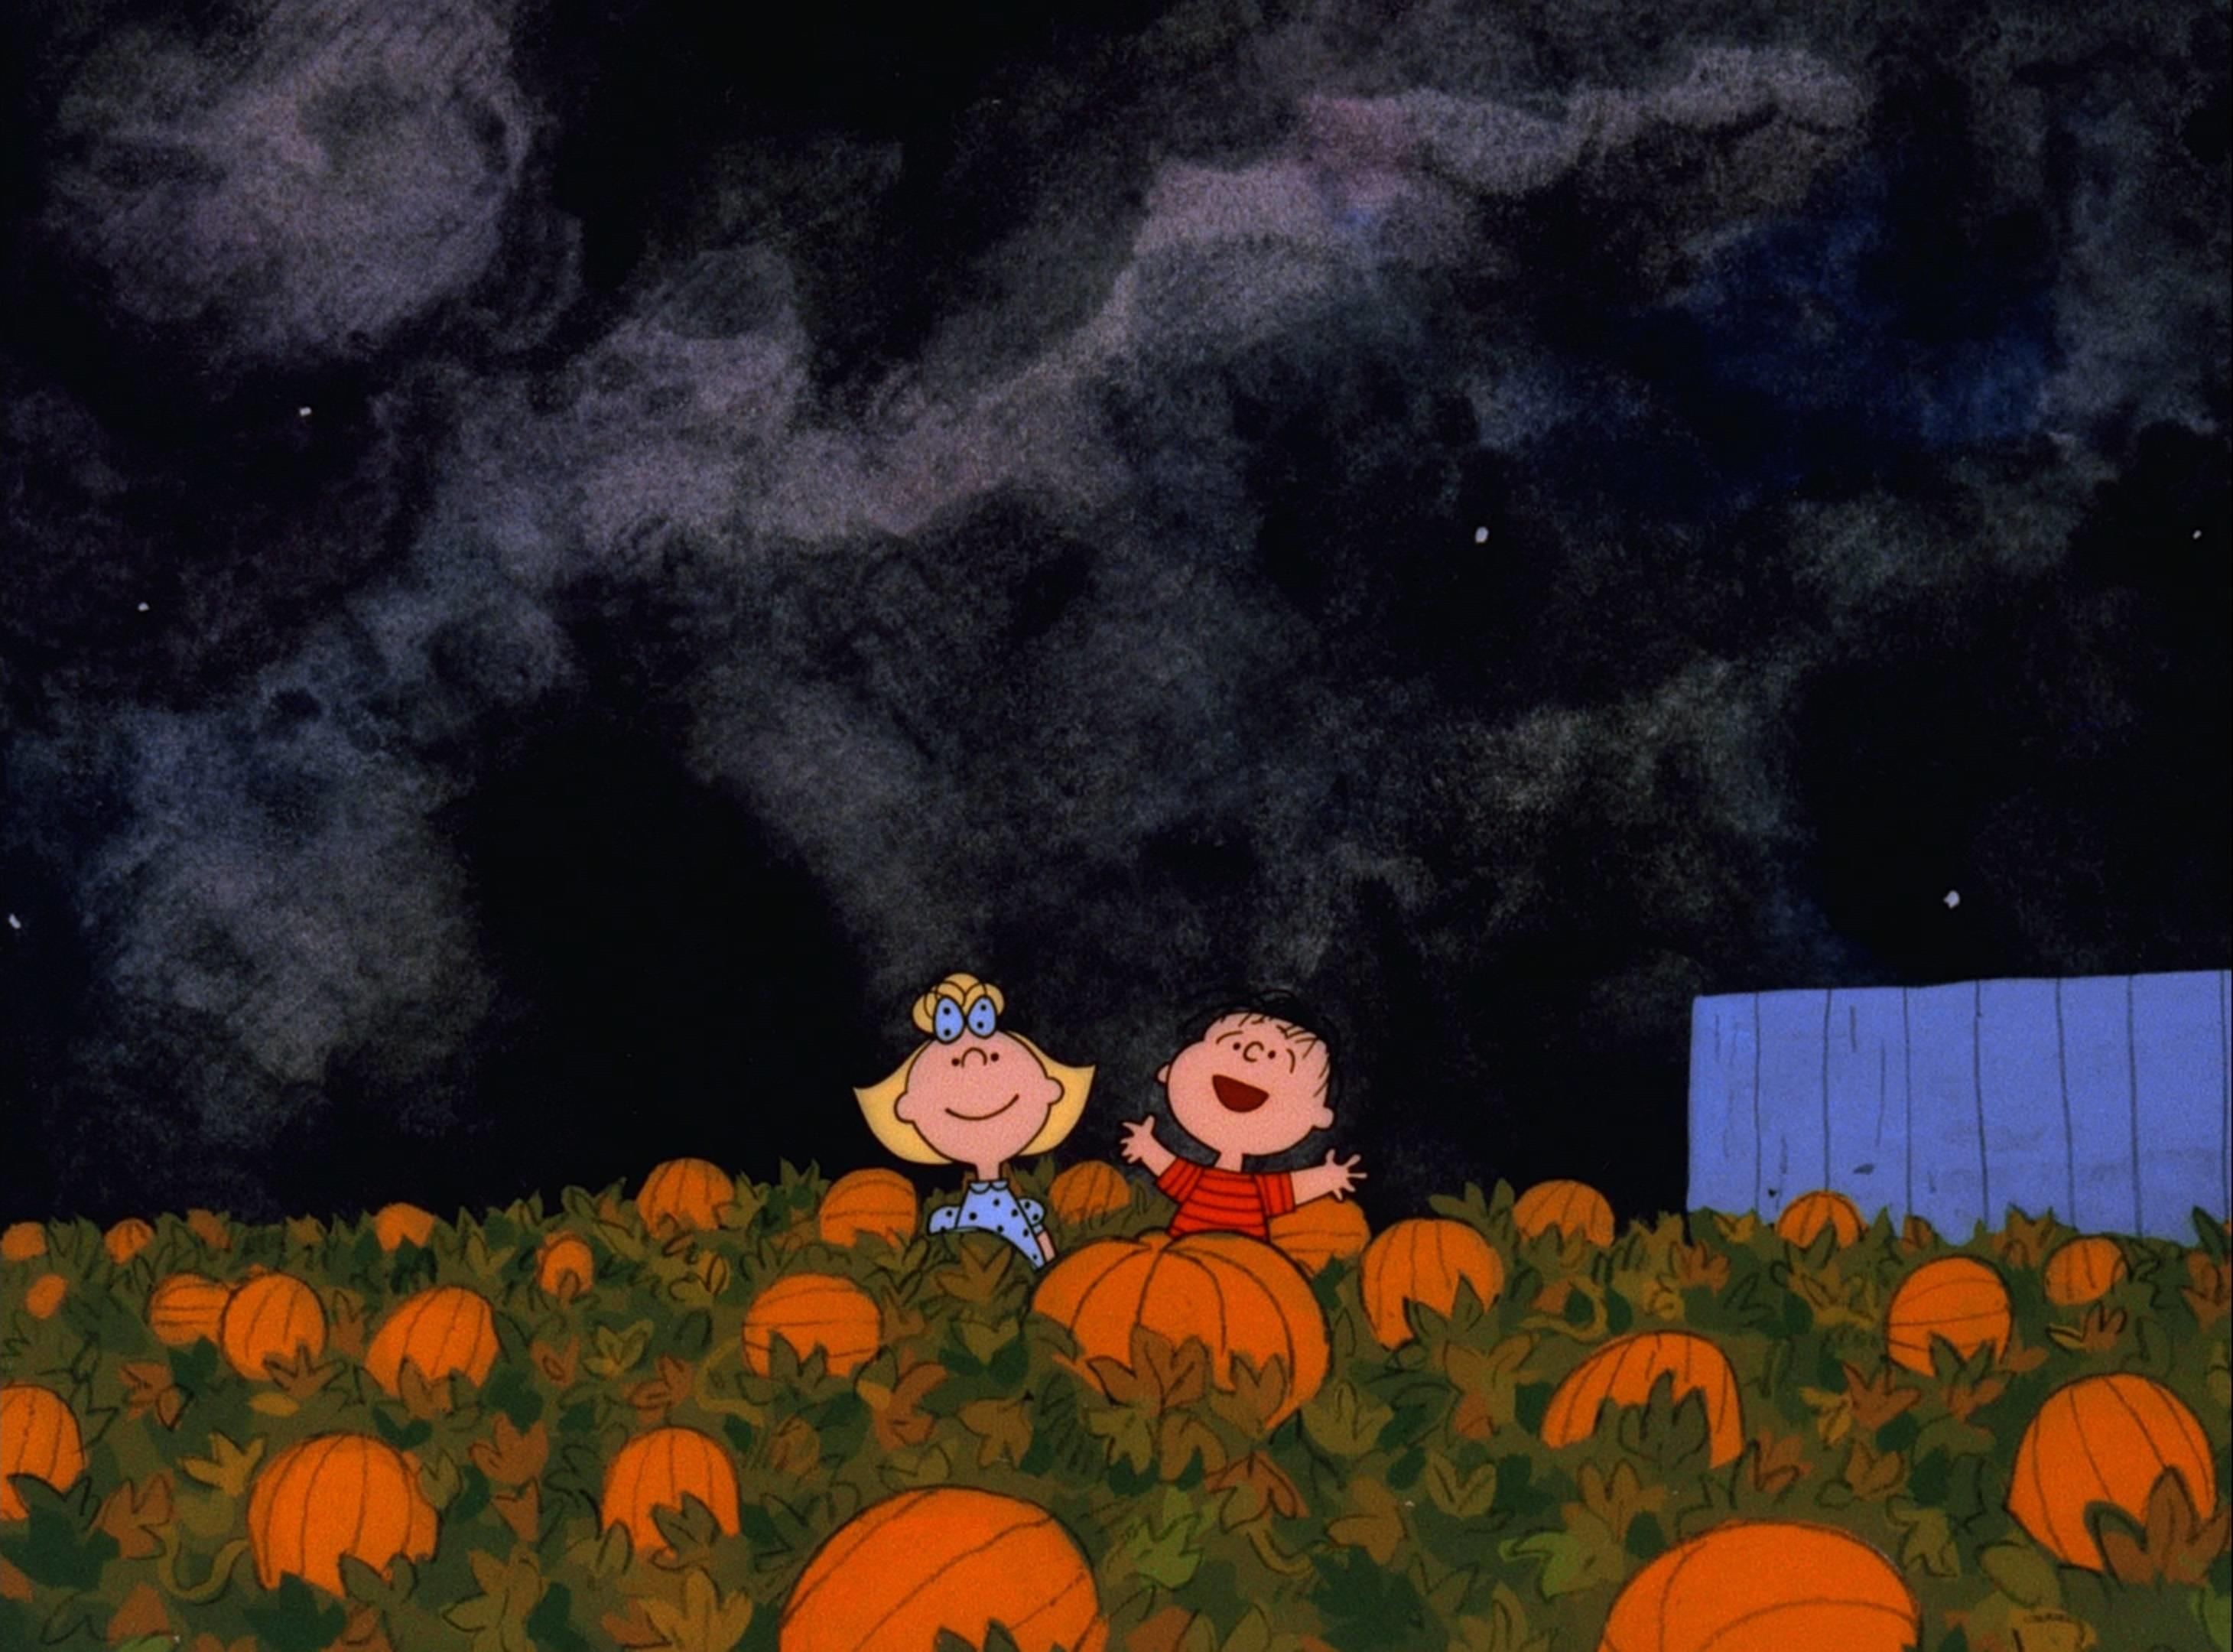 Charlie Brown Halloween Wallpapers – HD Wallpapers Inn